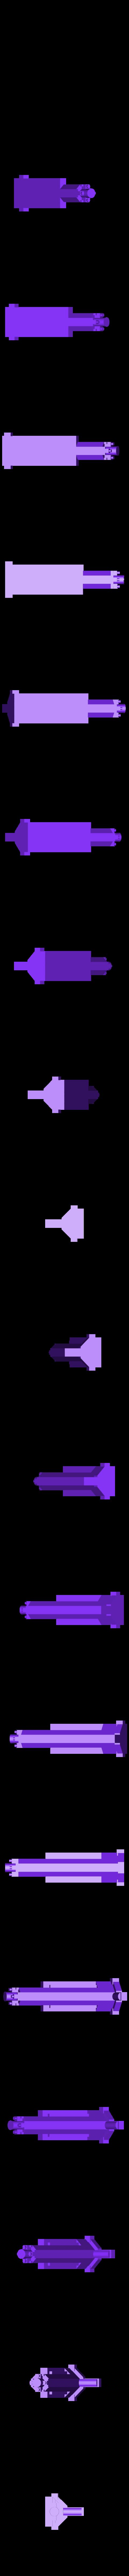 311_South_Wacker.stl Télécharger fichier STL gratuit Mise à jour de Chicago • Plan pour impression 3D, Urukgar4D